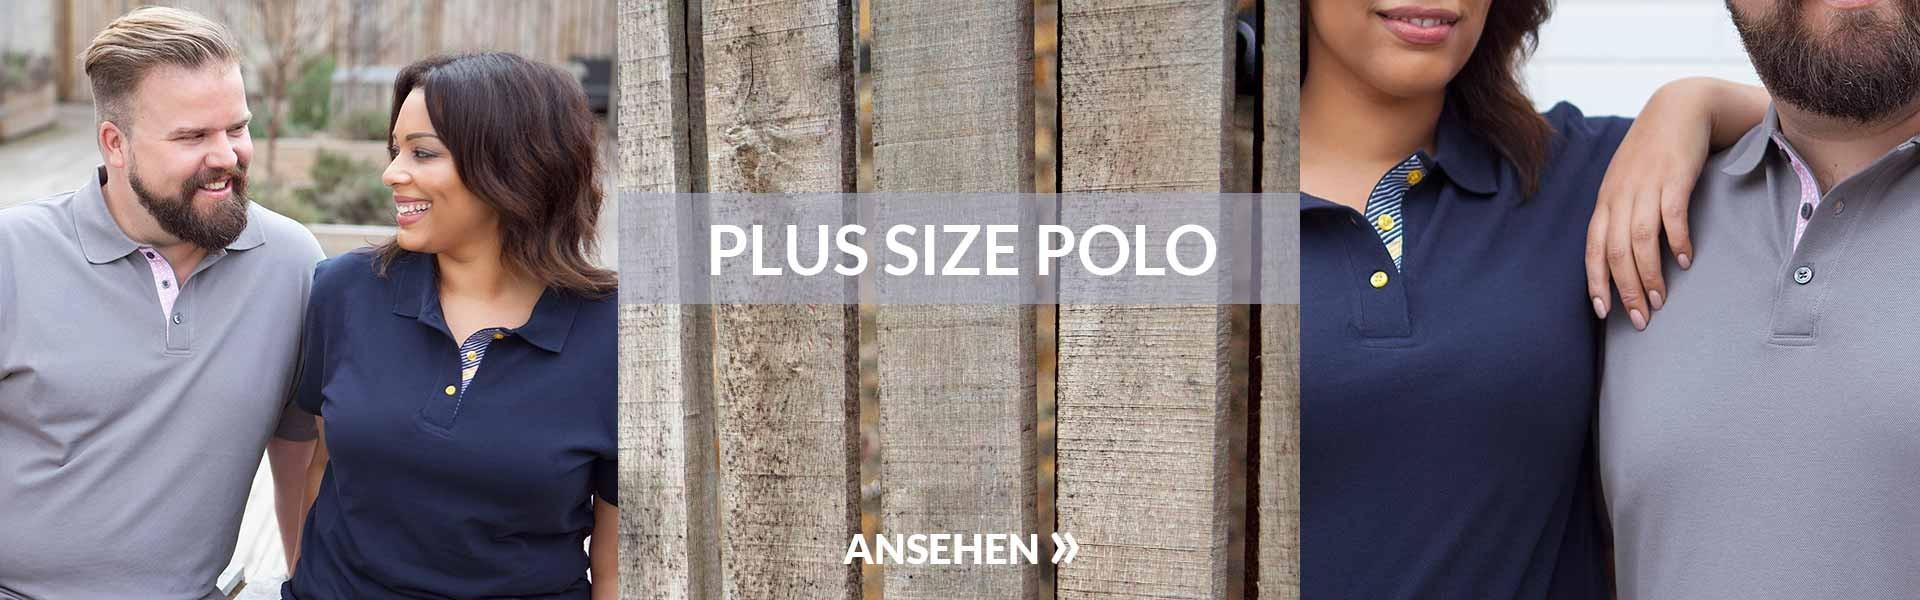 Poloshirts in Übergrößen